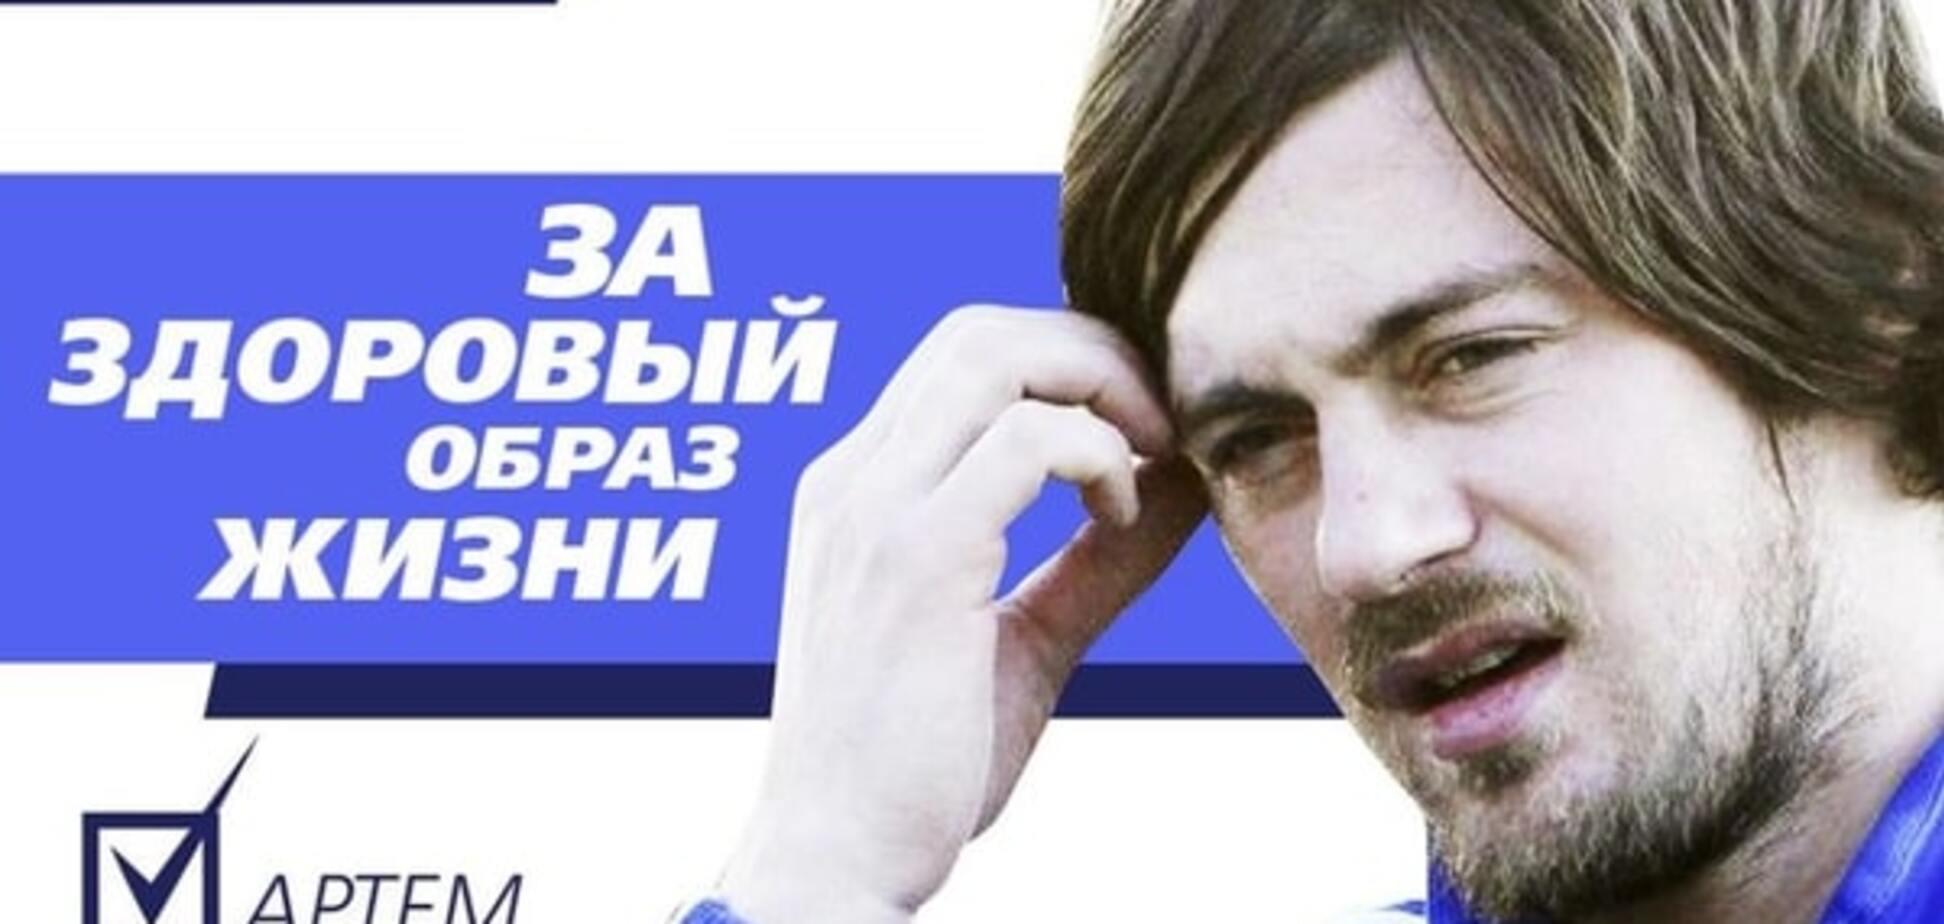 Выборы-2015. Как бы выглядели агитационные билборды Милевского и Ярмоленко: курьезные фото